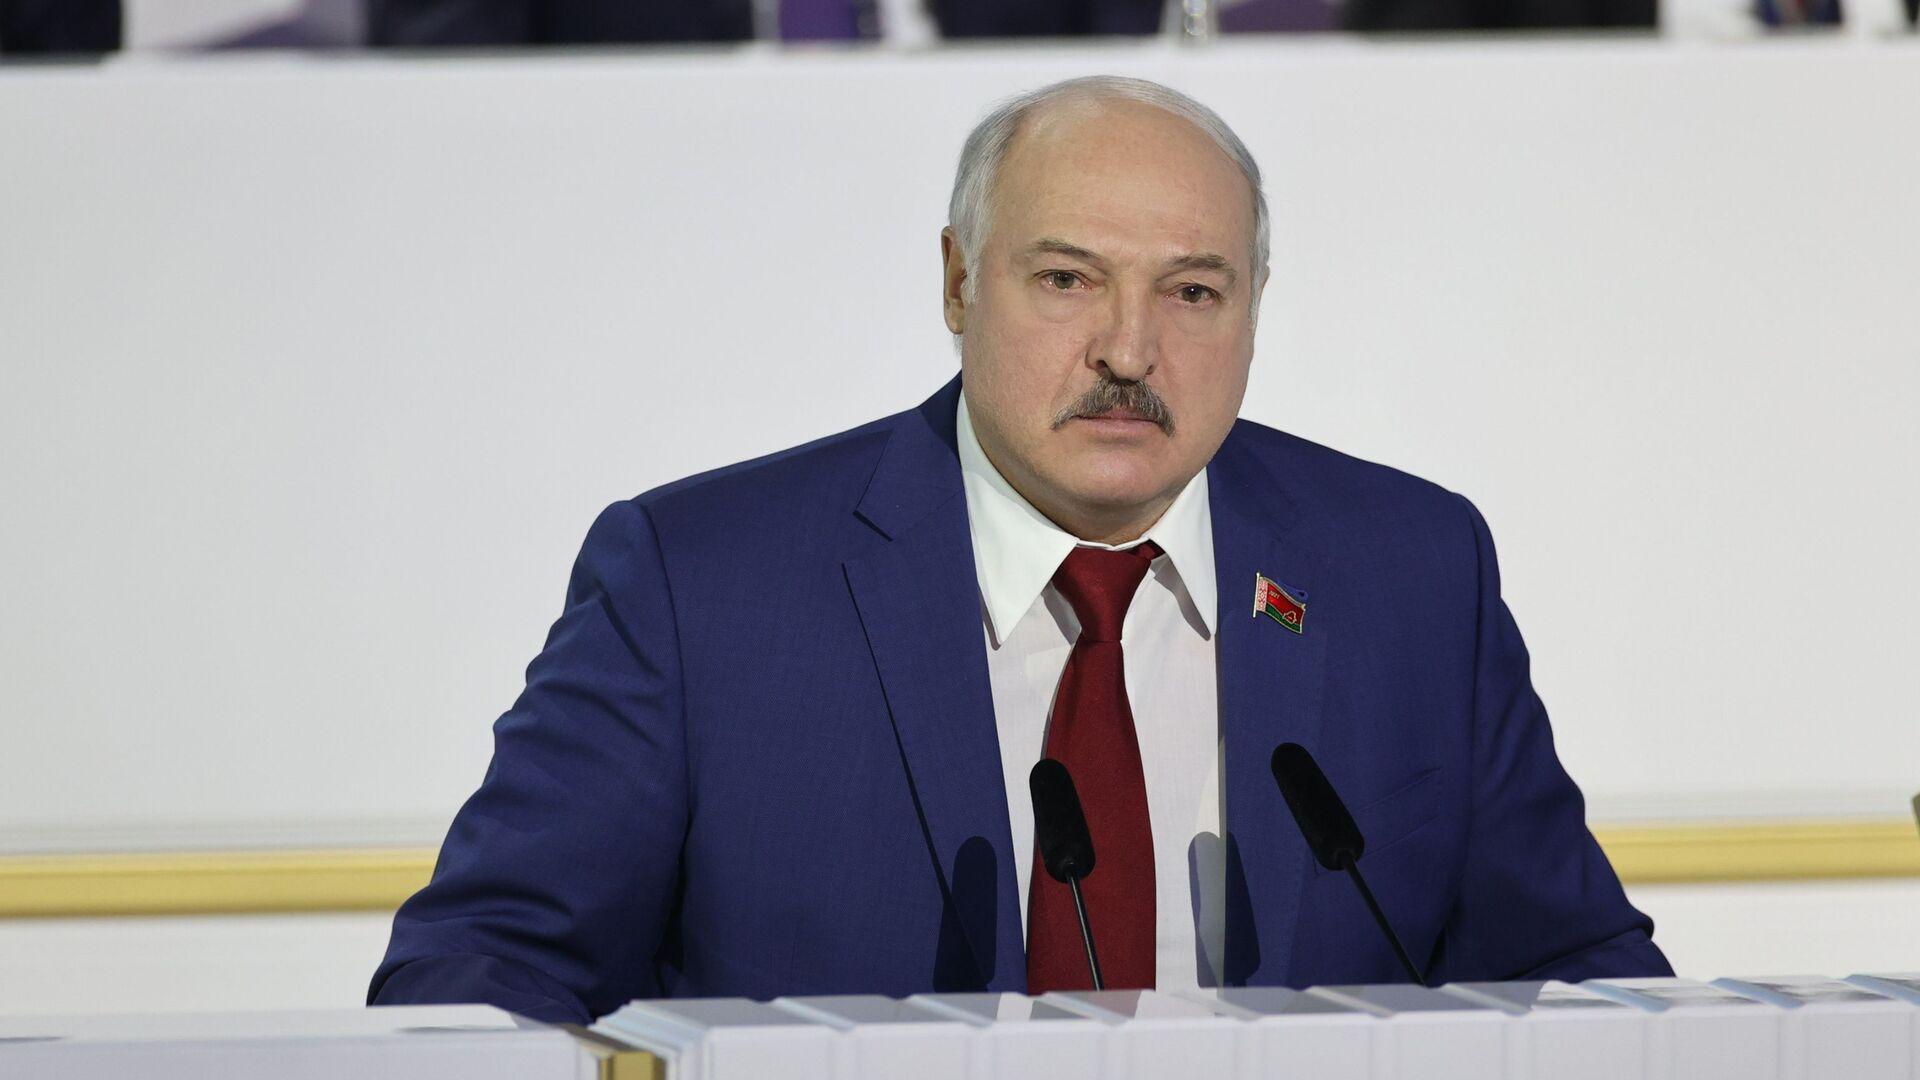 Predsednik Belorusije Aleksandar Lukašenko - Sputnik Srbija, 1920, 16.09.2021